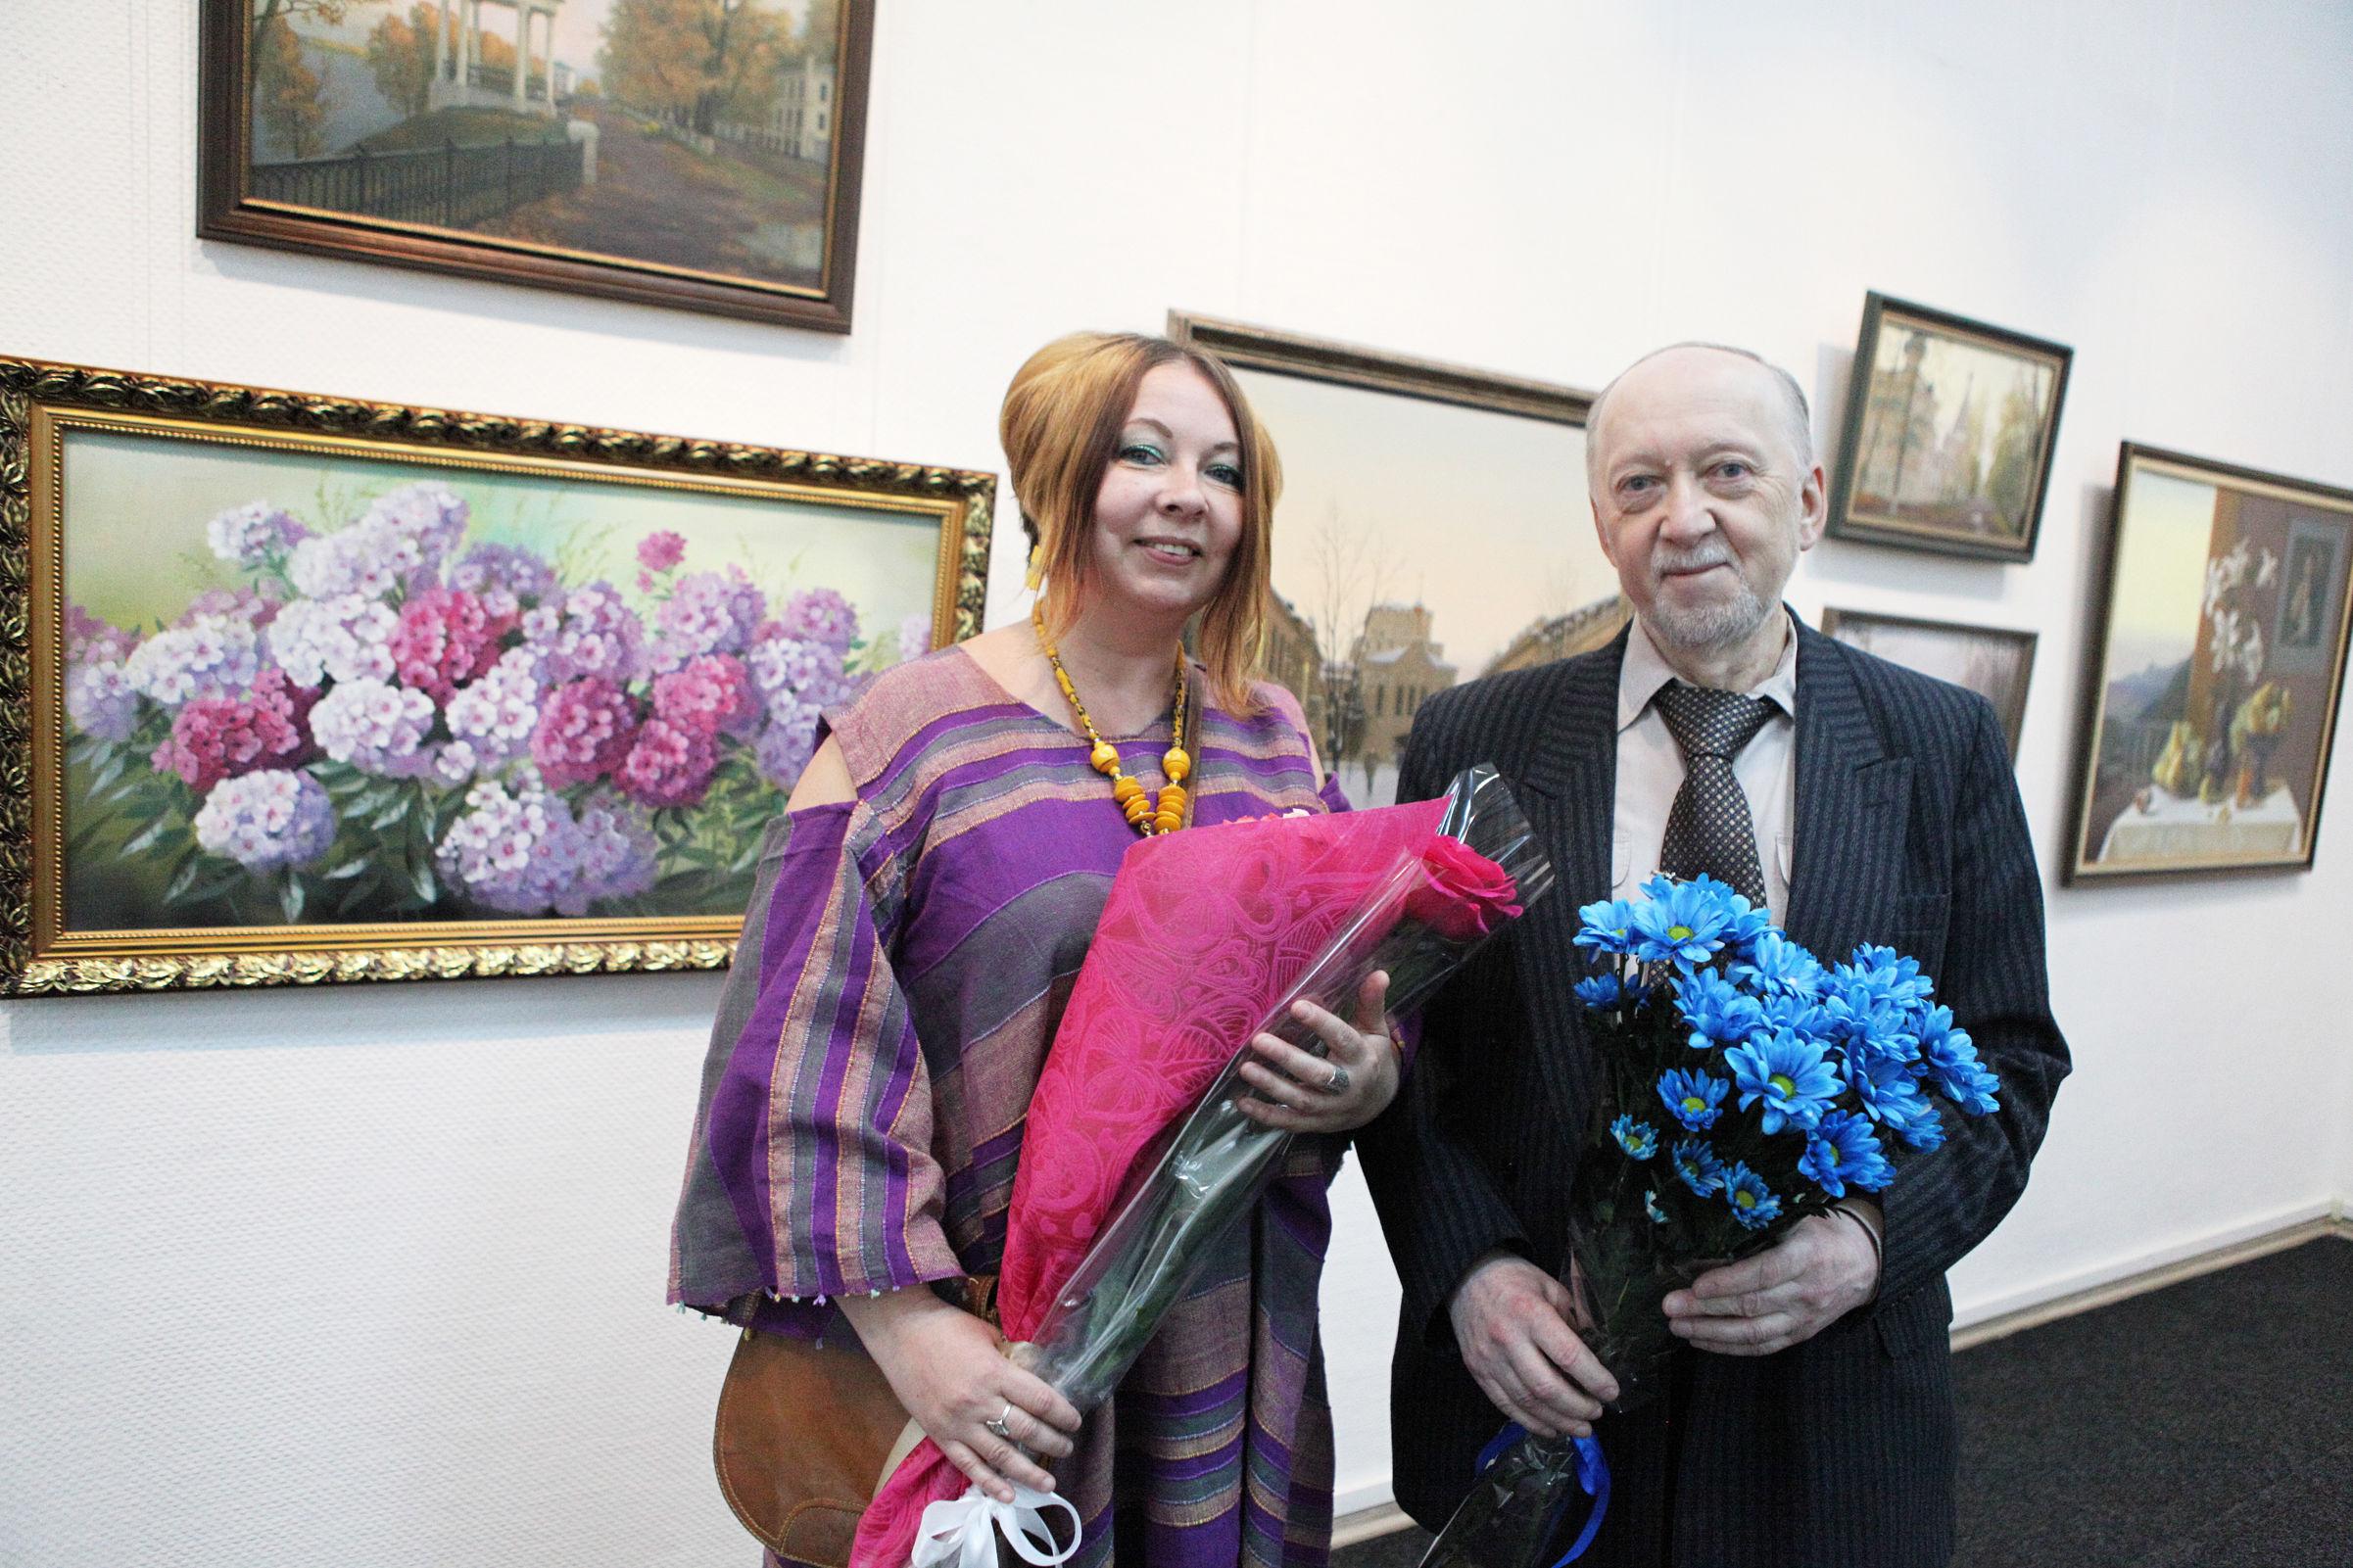 Ярославский художник отметил 50-летие творческой деятельности юбилейной выставкой